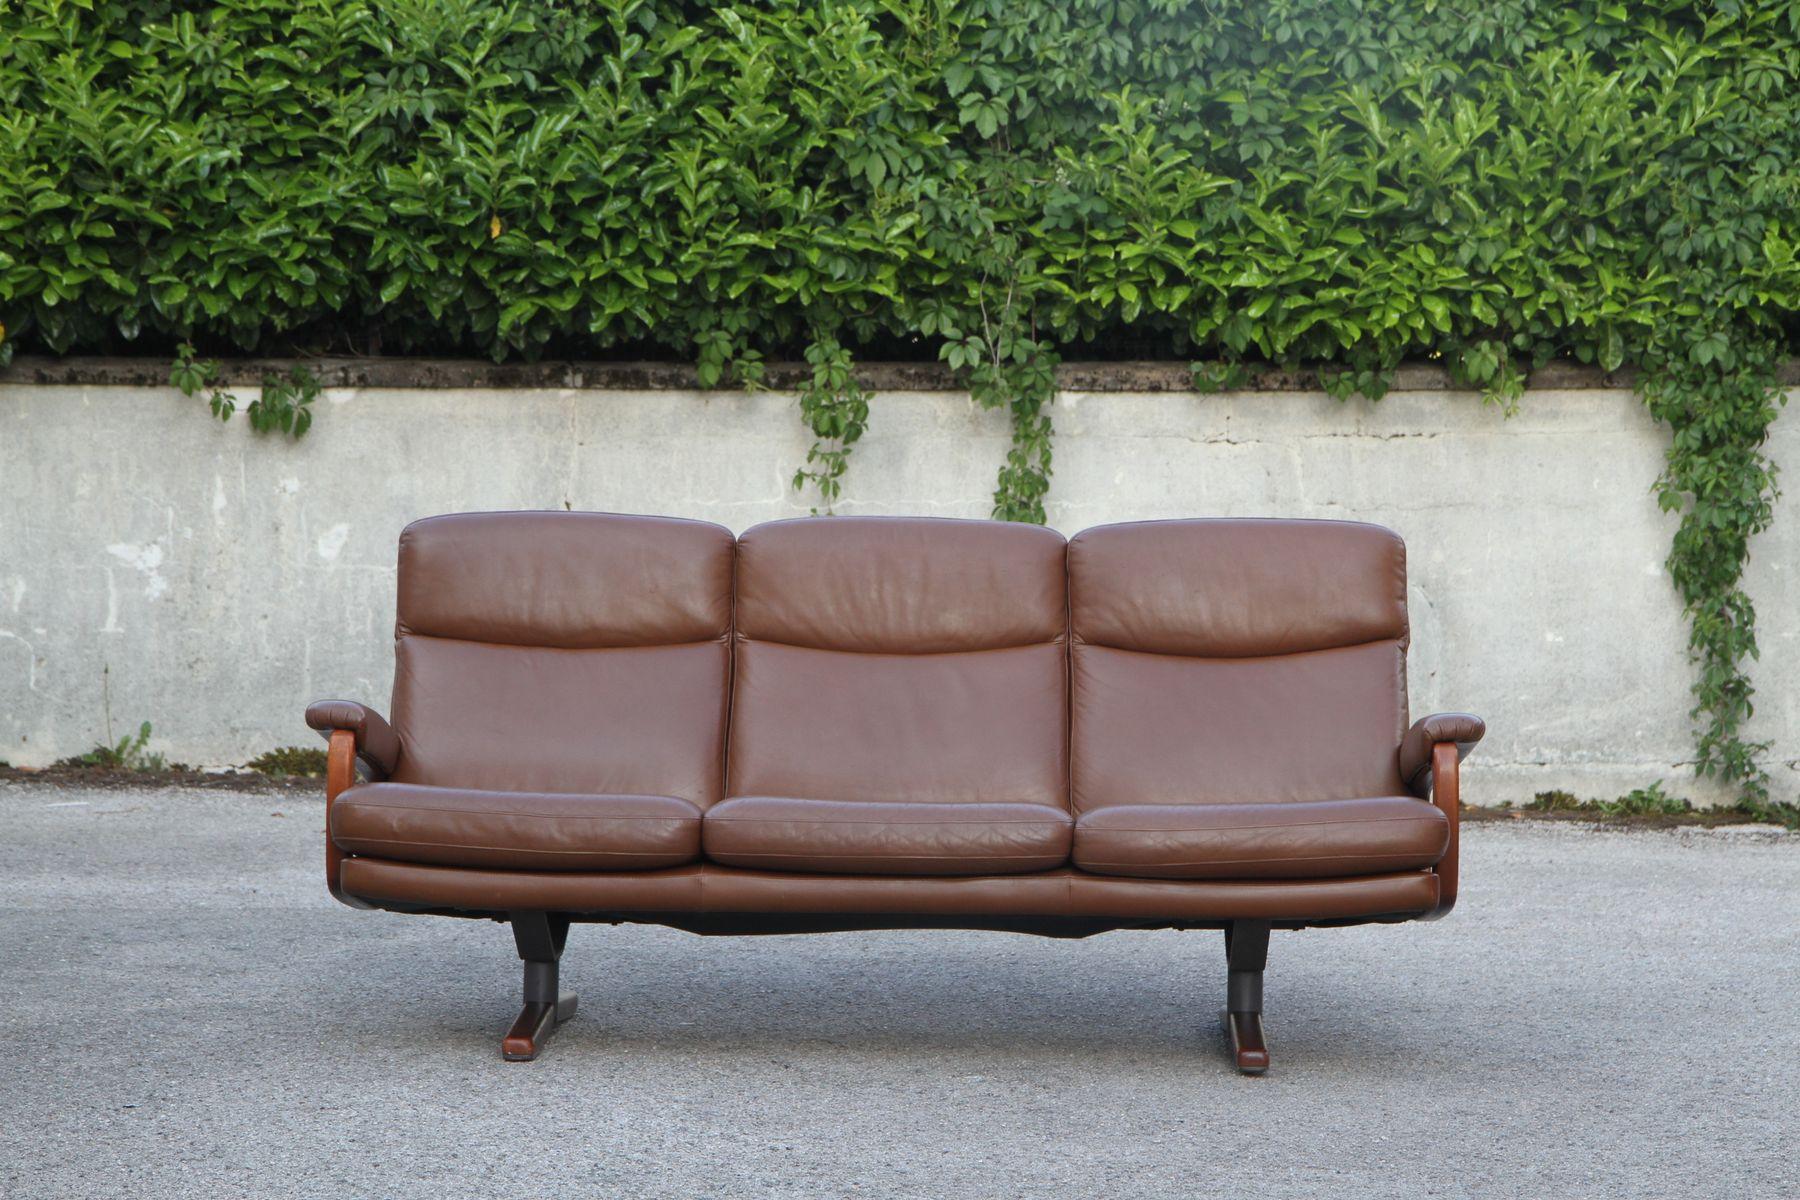 Sofa aus Leder, Stahl & Holz, 1950er bei Pamono kaufen